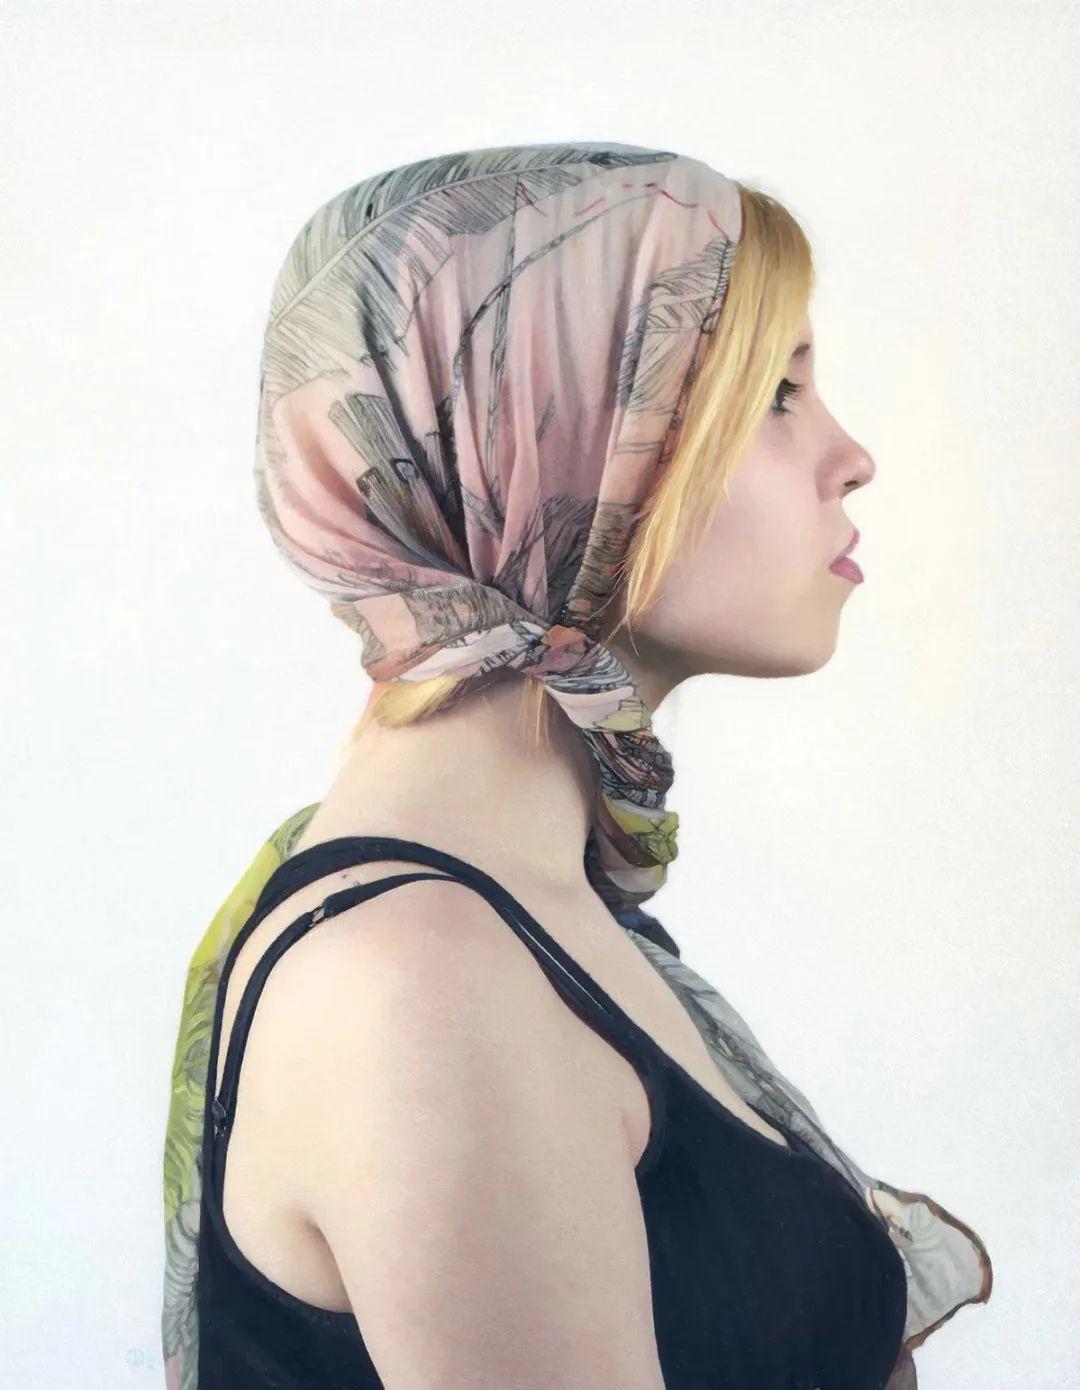 美国画家戴维·艾肯伯格的超写实油画插图13